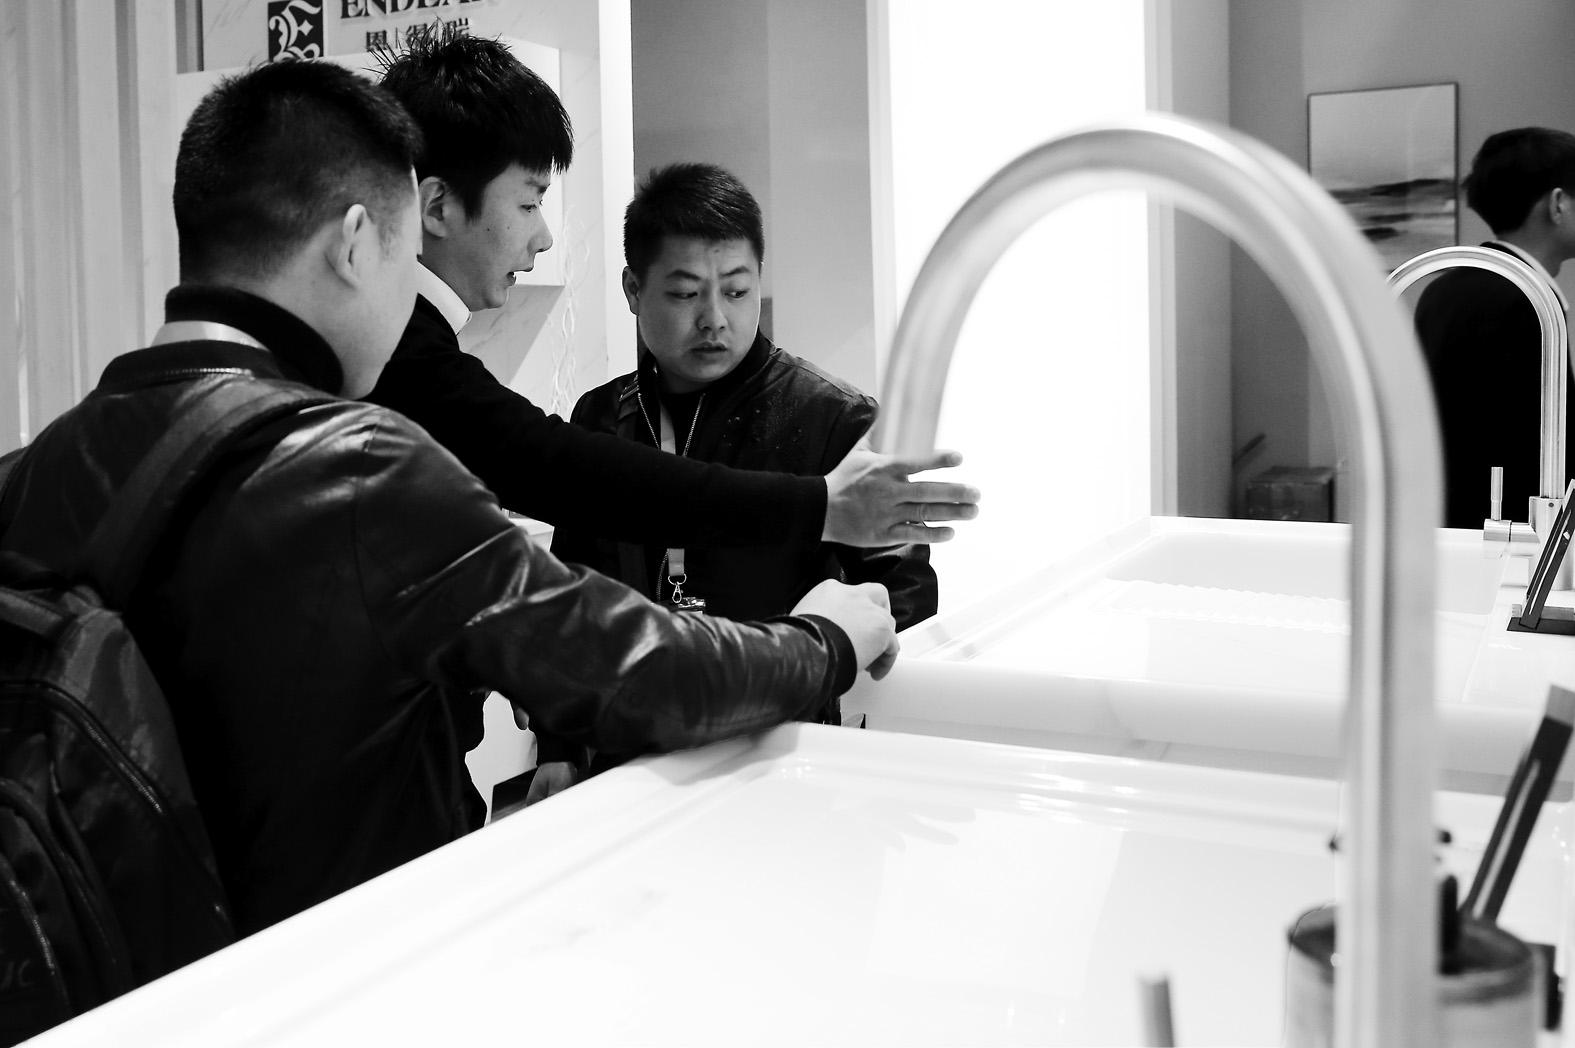 浙江江山市恩达洁具有限公司产品受关注程度与日俱增